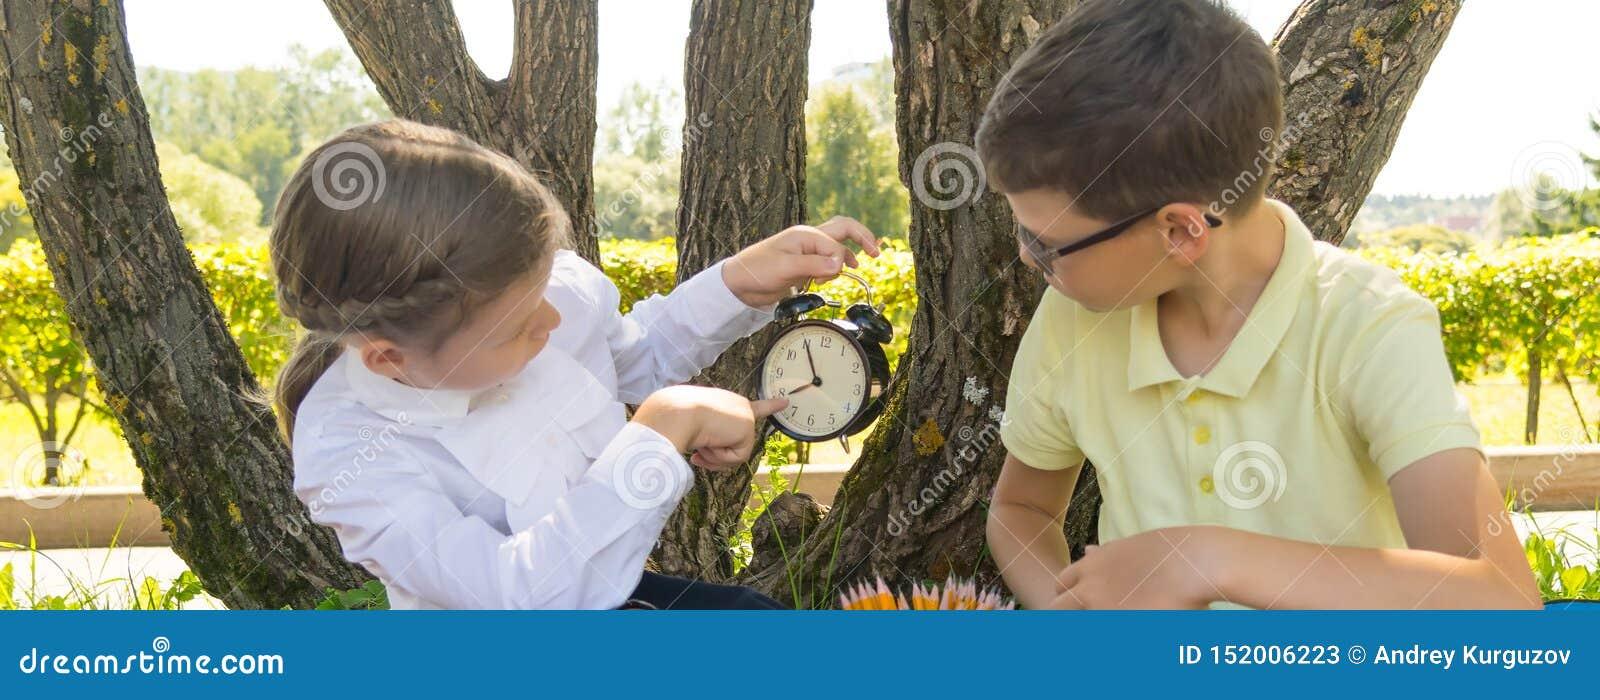 Im Park in der Frischluft, zeigt das Mädchen die Jungenzeit auf der Uhr damit, für die Lektion spät nicht zu sein